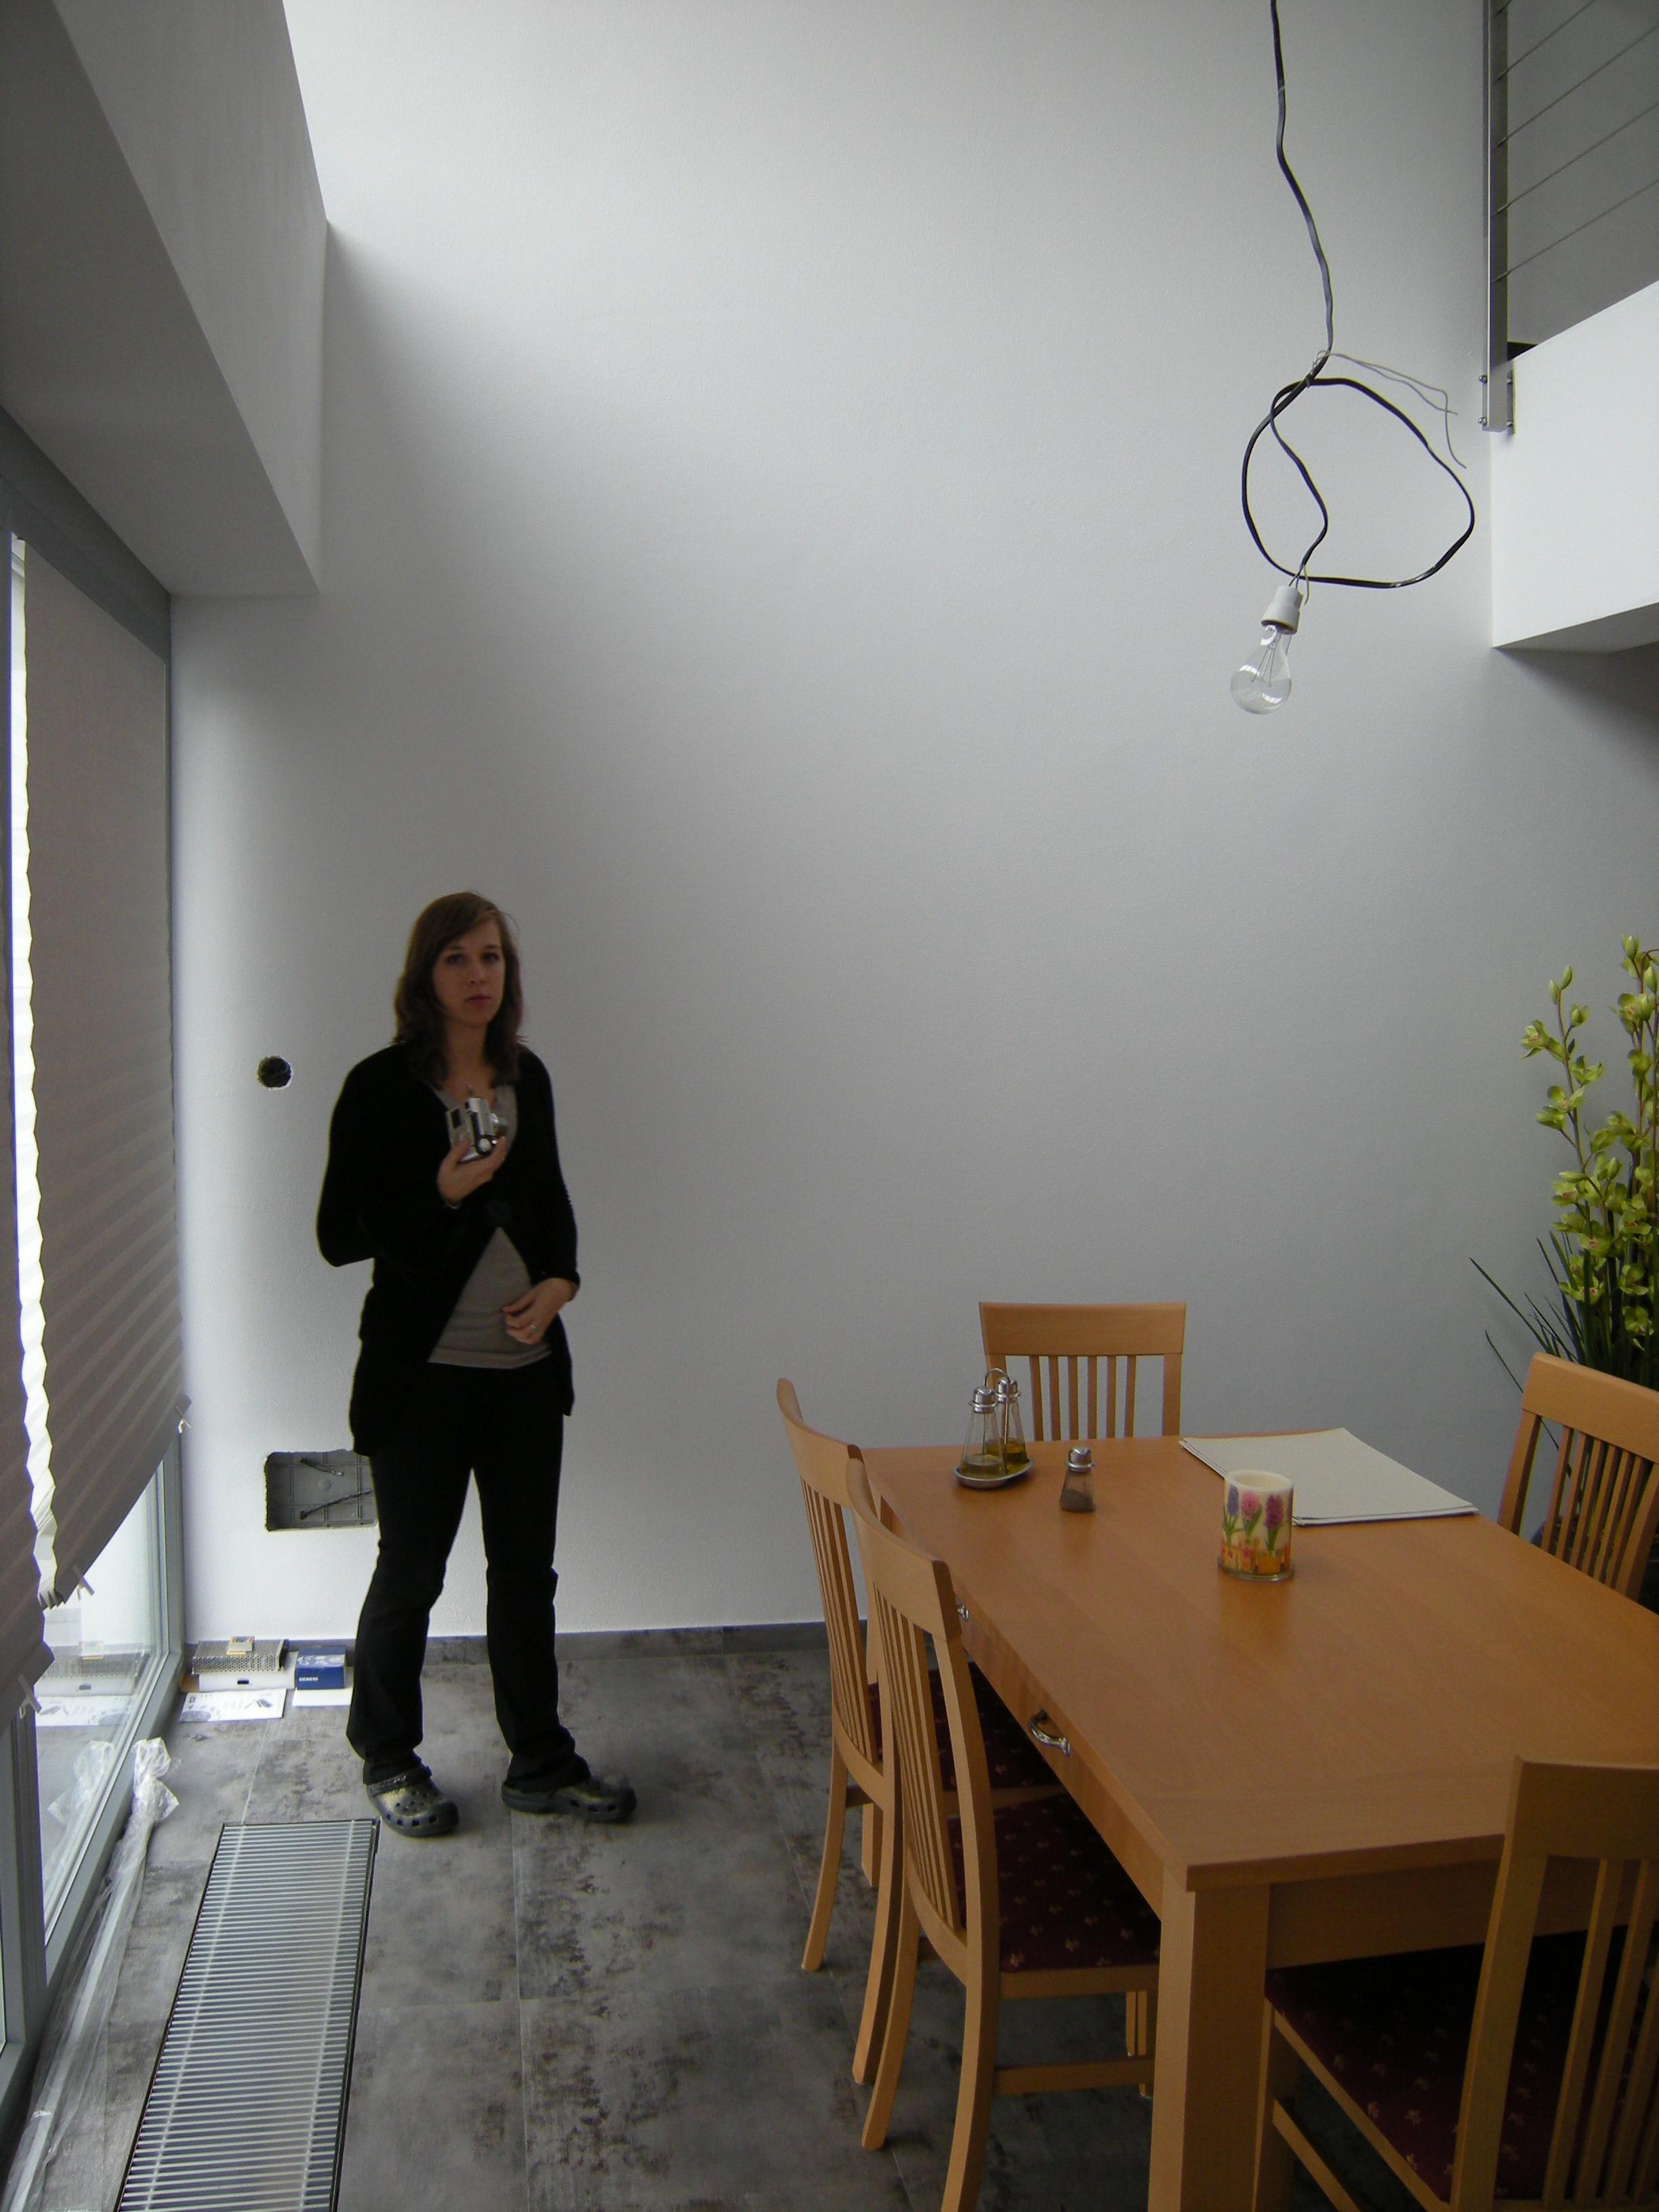 Projekt stavby rodinného domu V 14